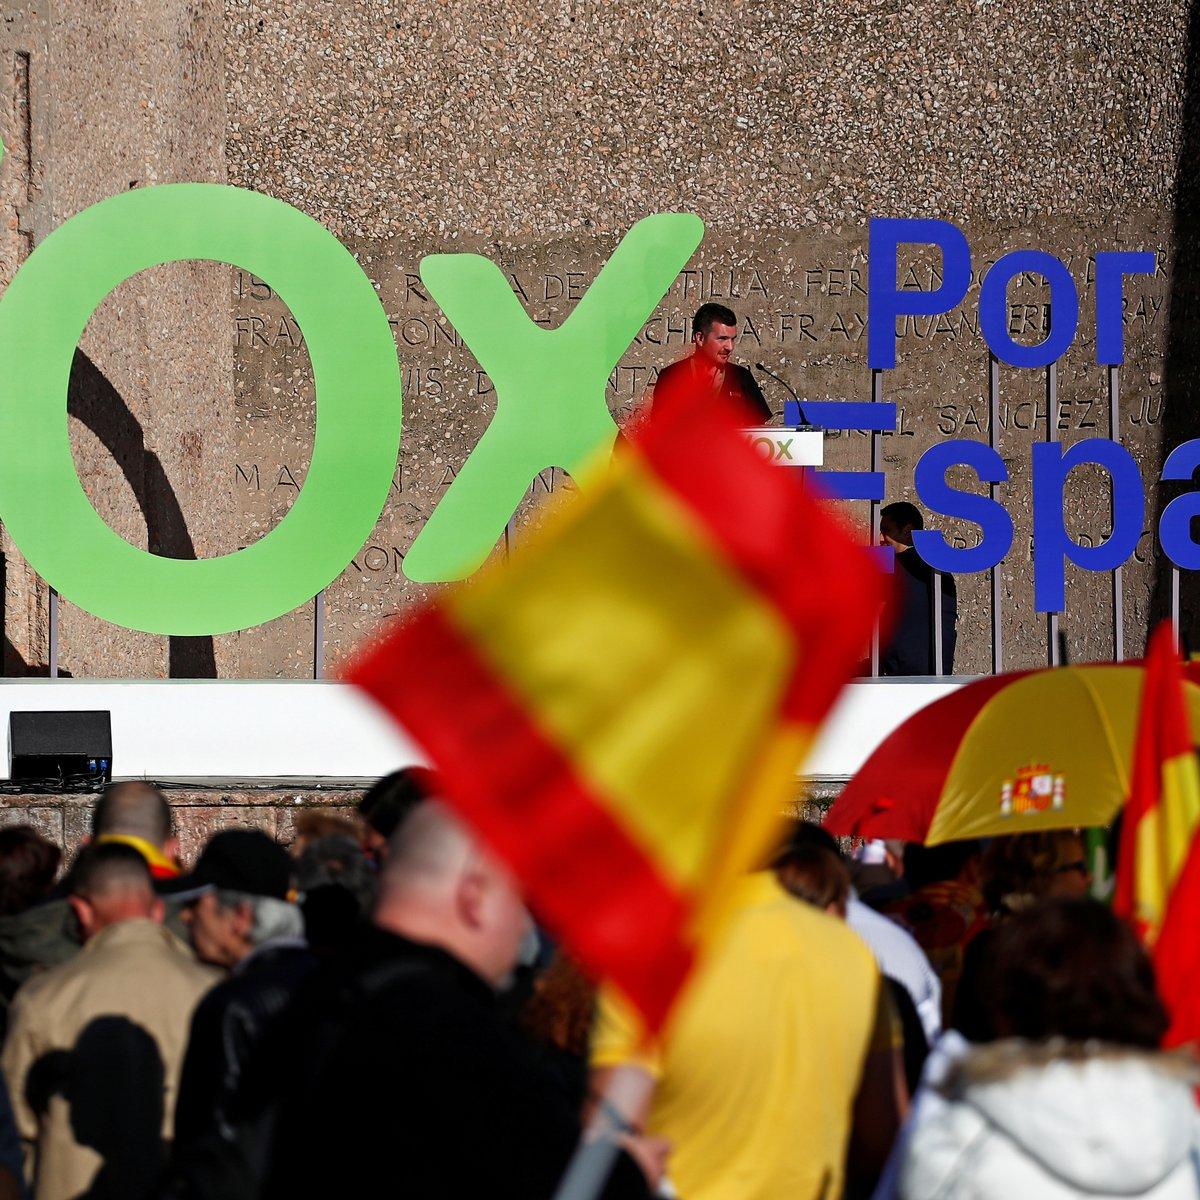 Partido de extrema-direita Vox desperta rumores de oscilação no eleitorado espanhol